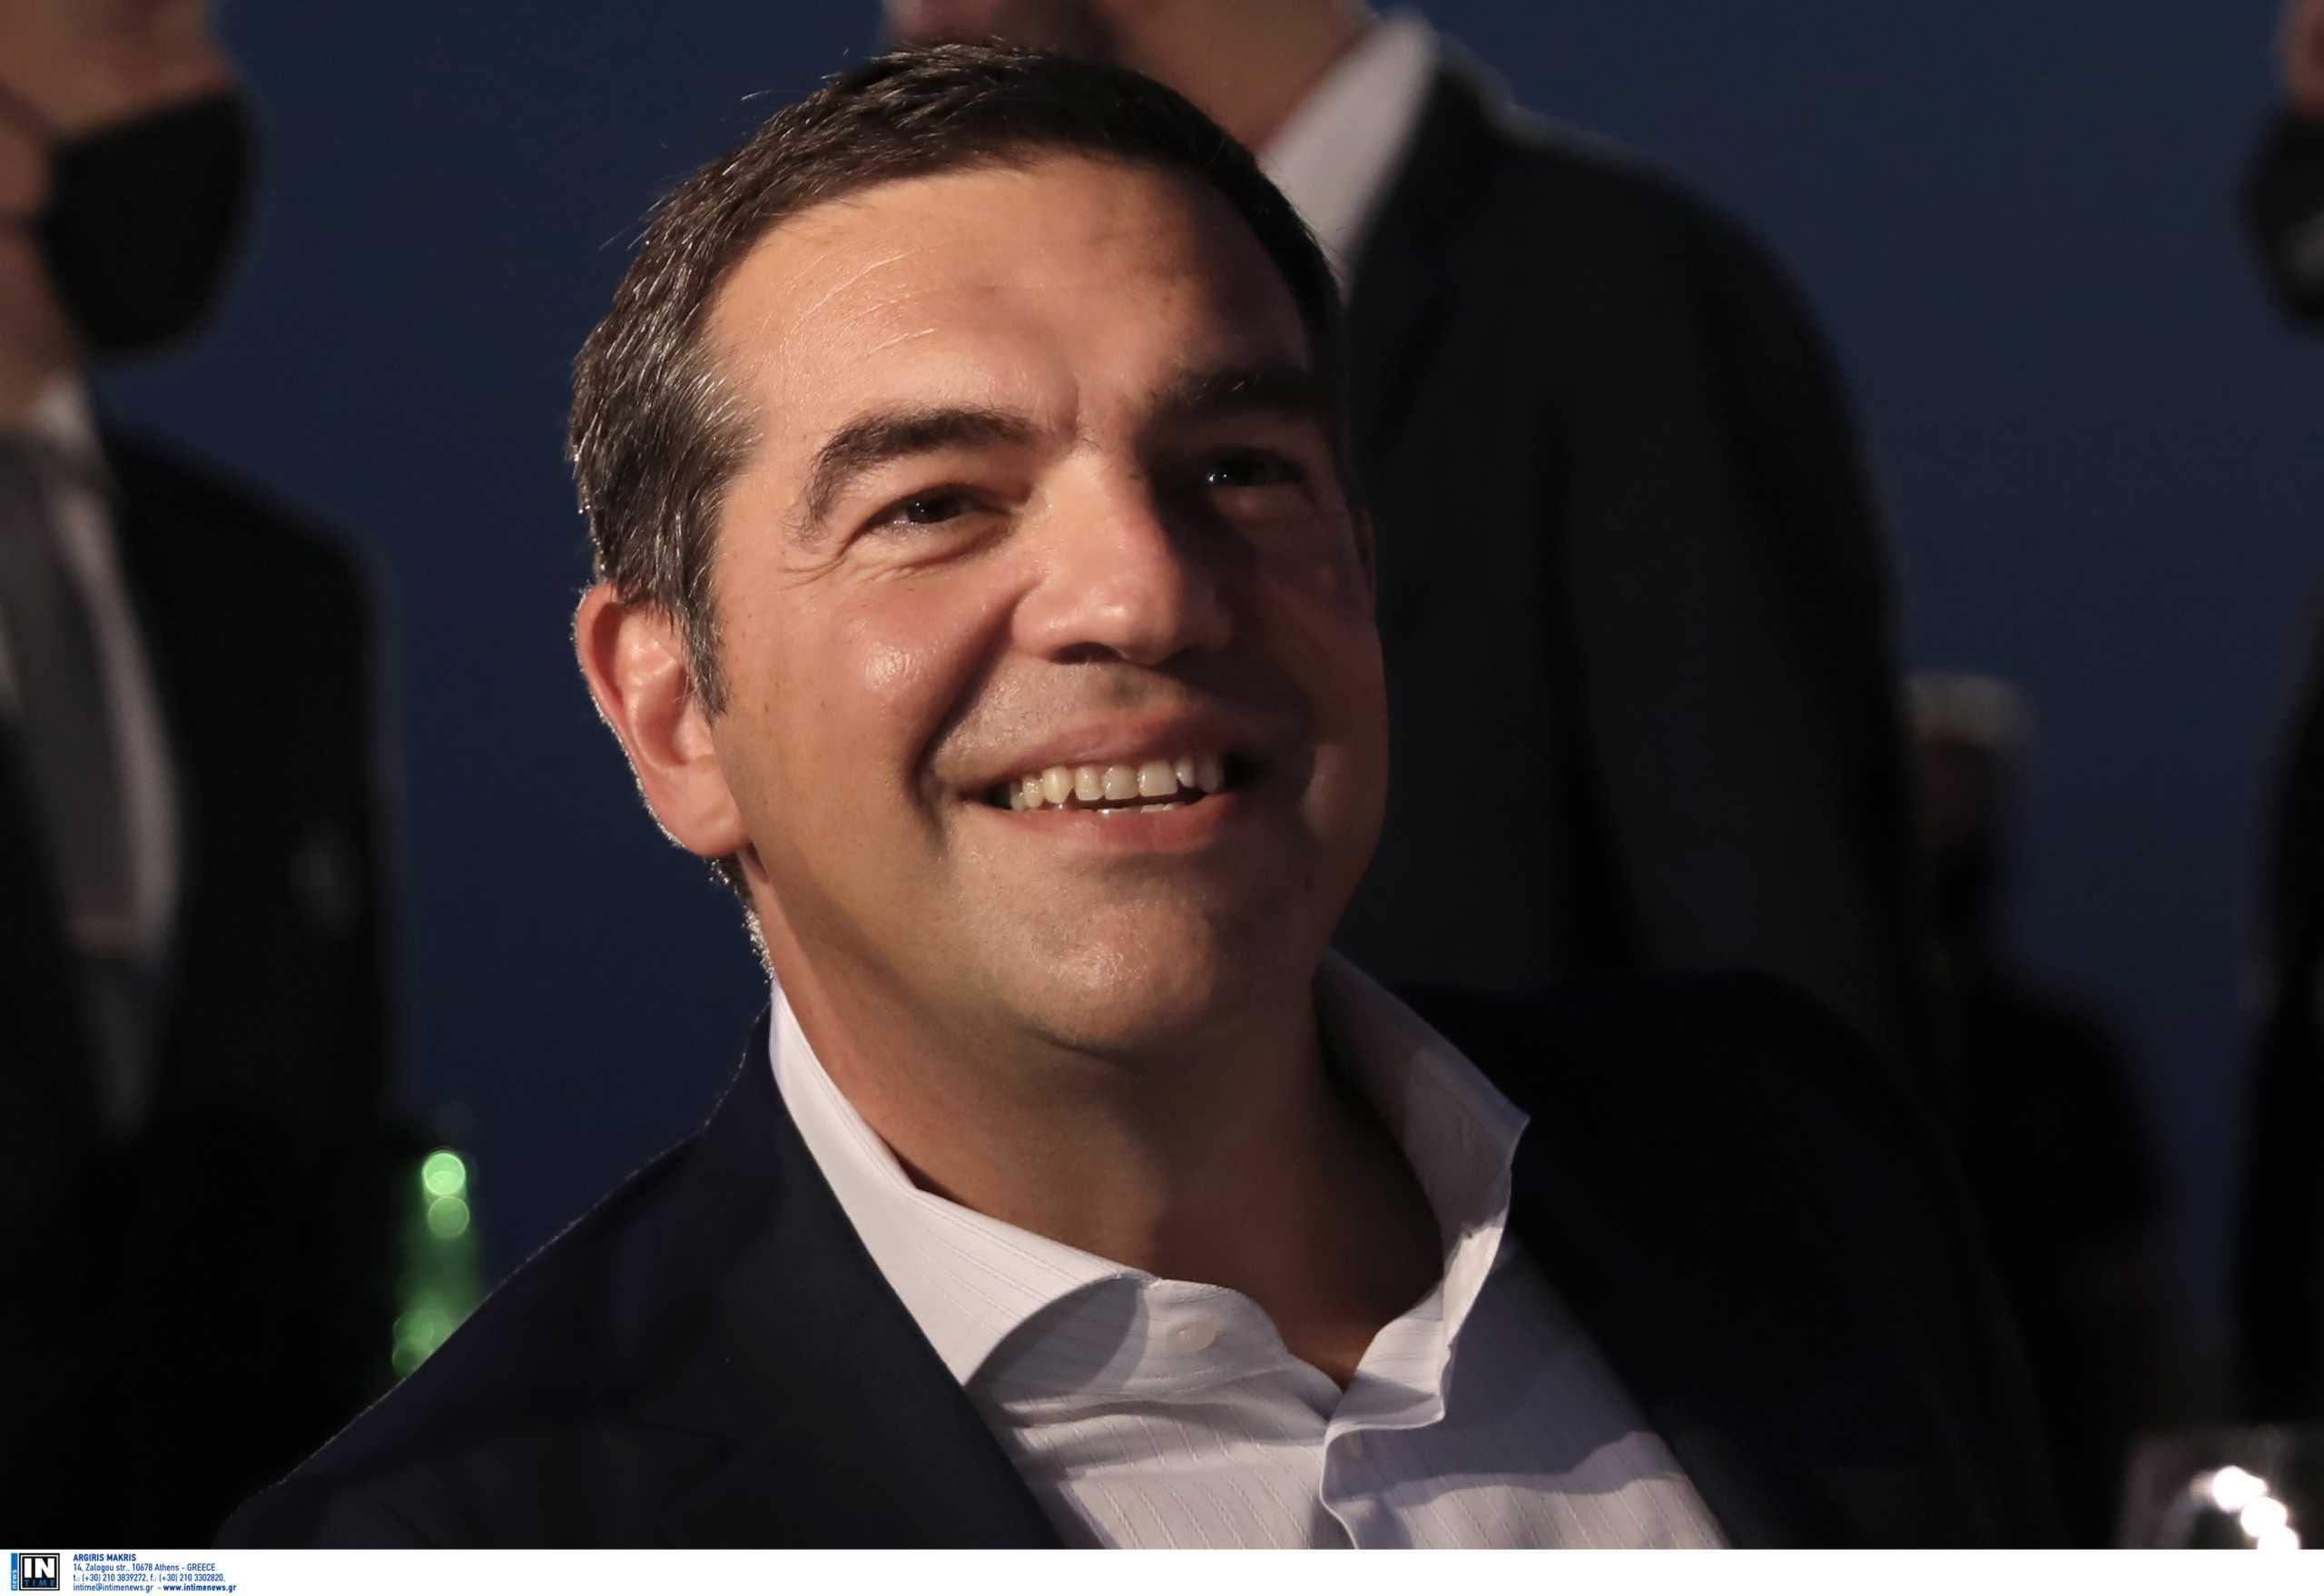 Αλέξης Τσίπρας: Σύντομα πολιτικές εξελίξεις λόγω των αντιφάσεων της κυβέρνησης